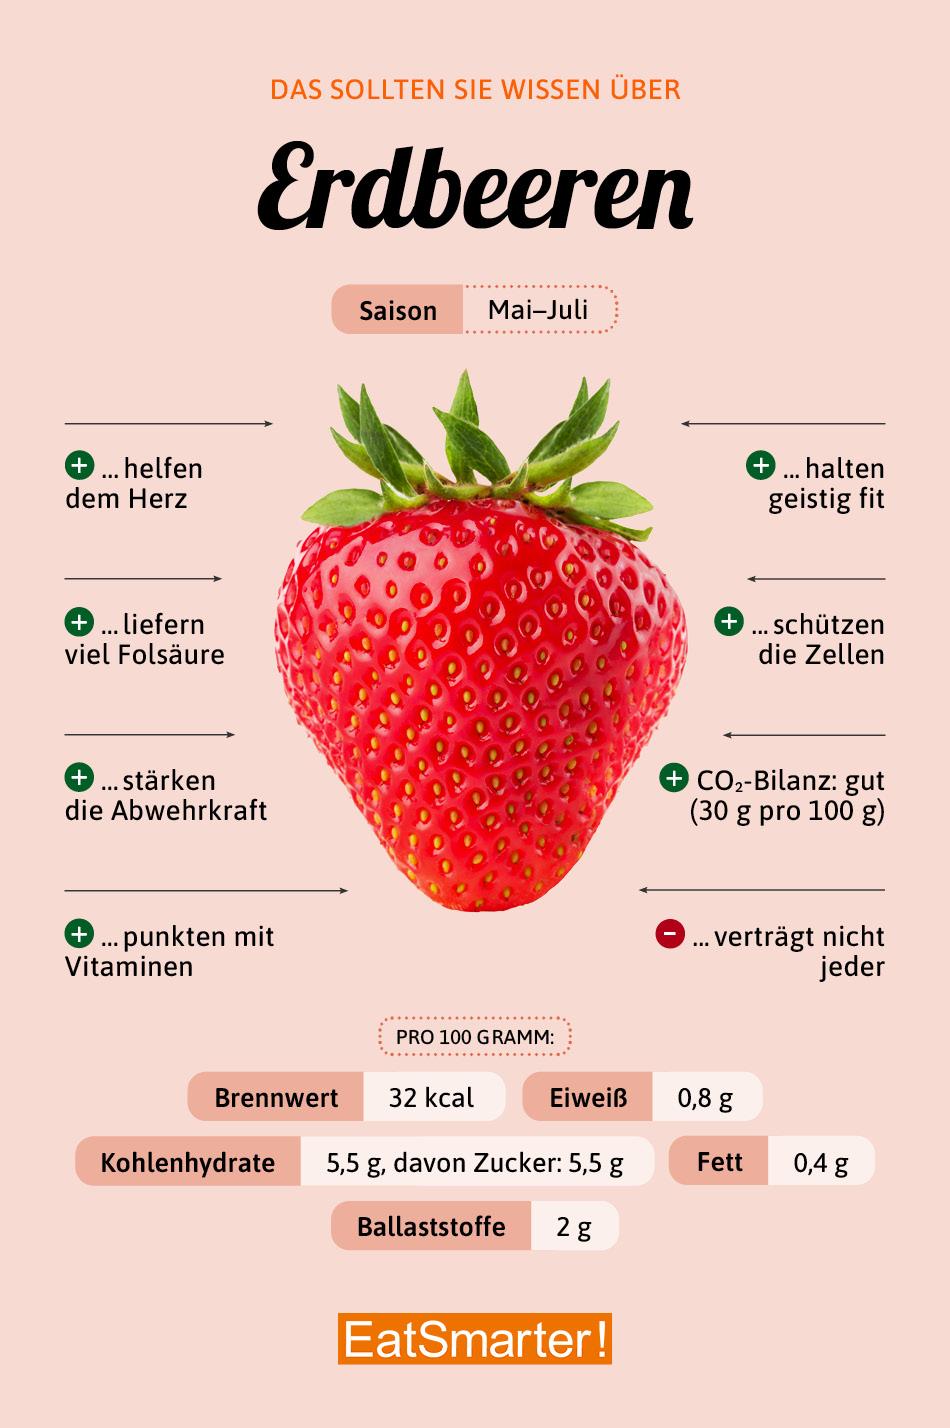 Erdbeere Warenkunde